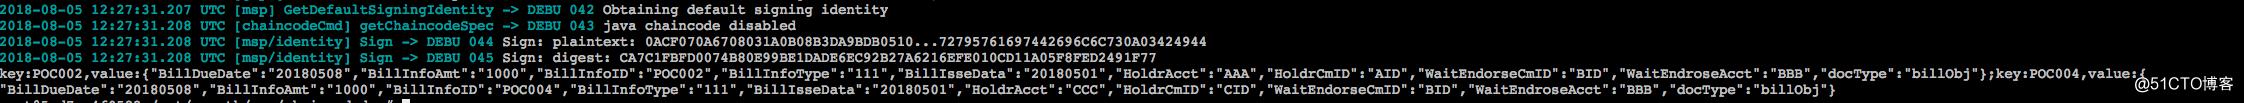 Hyperledger Fabric启用CouchDB为状态数据库